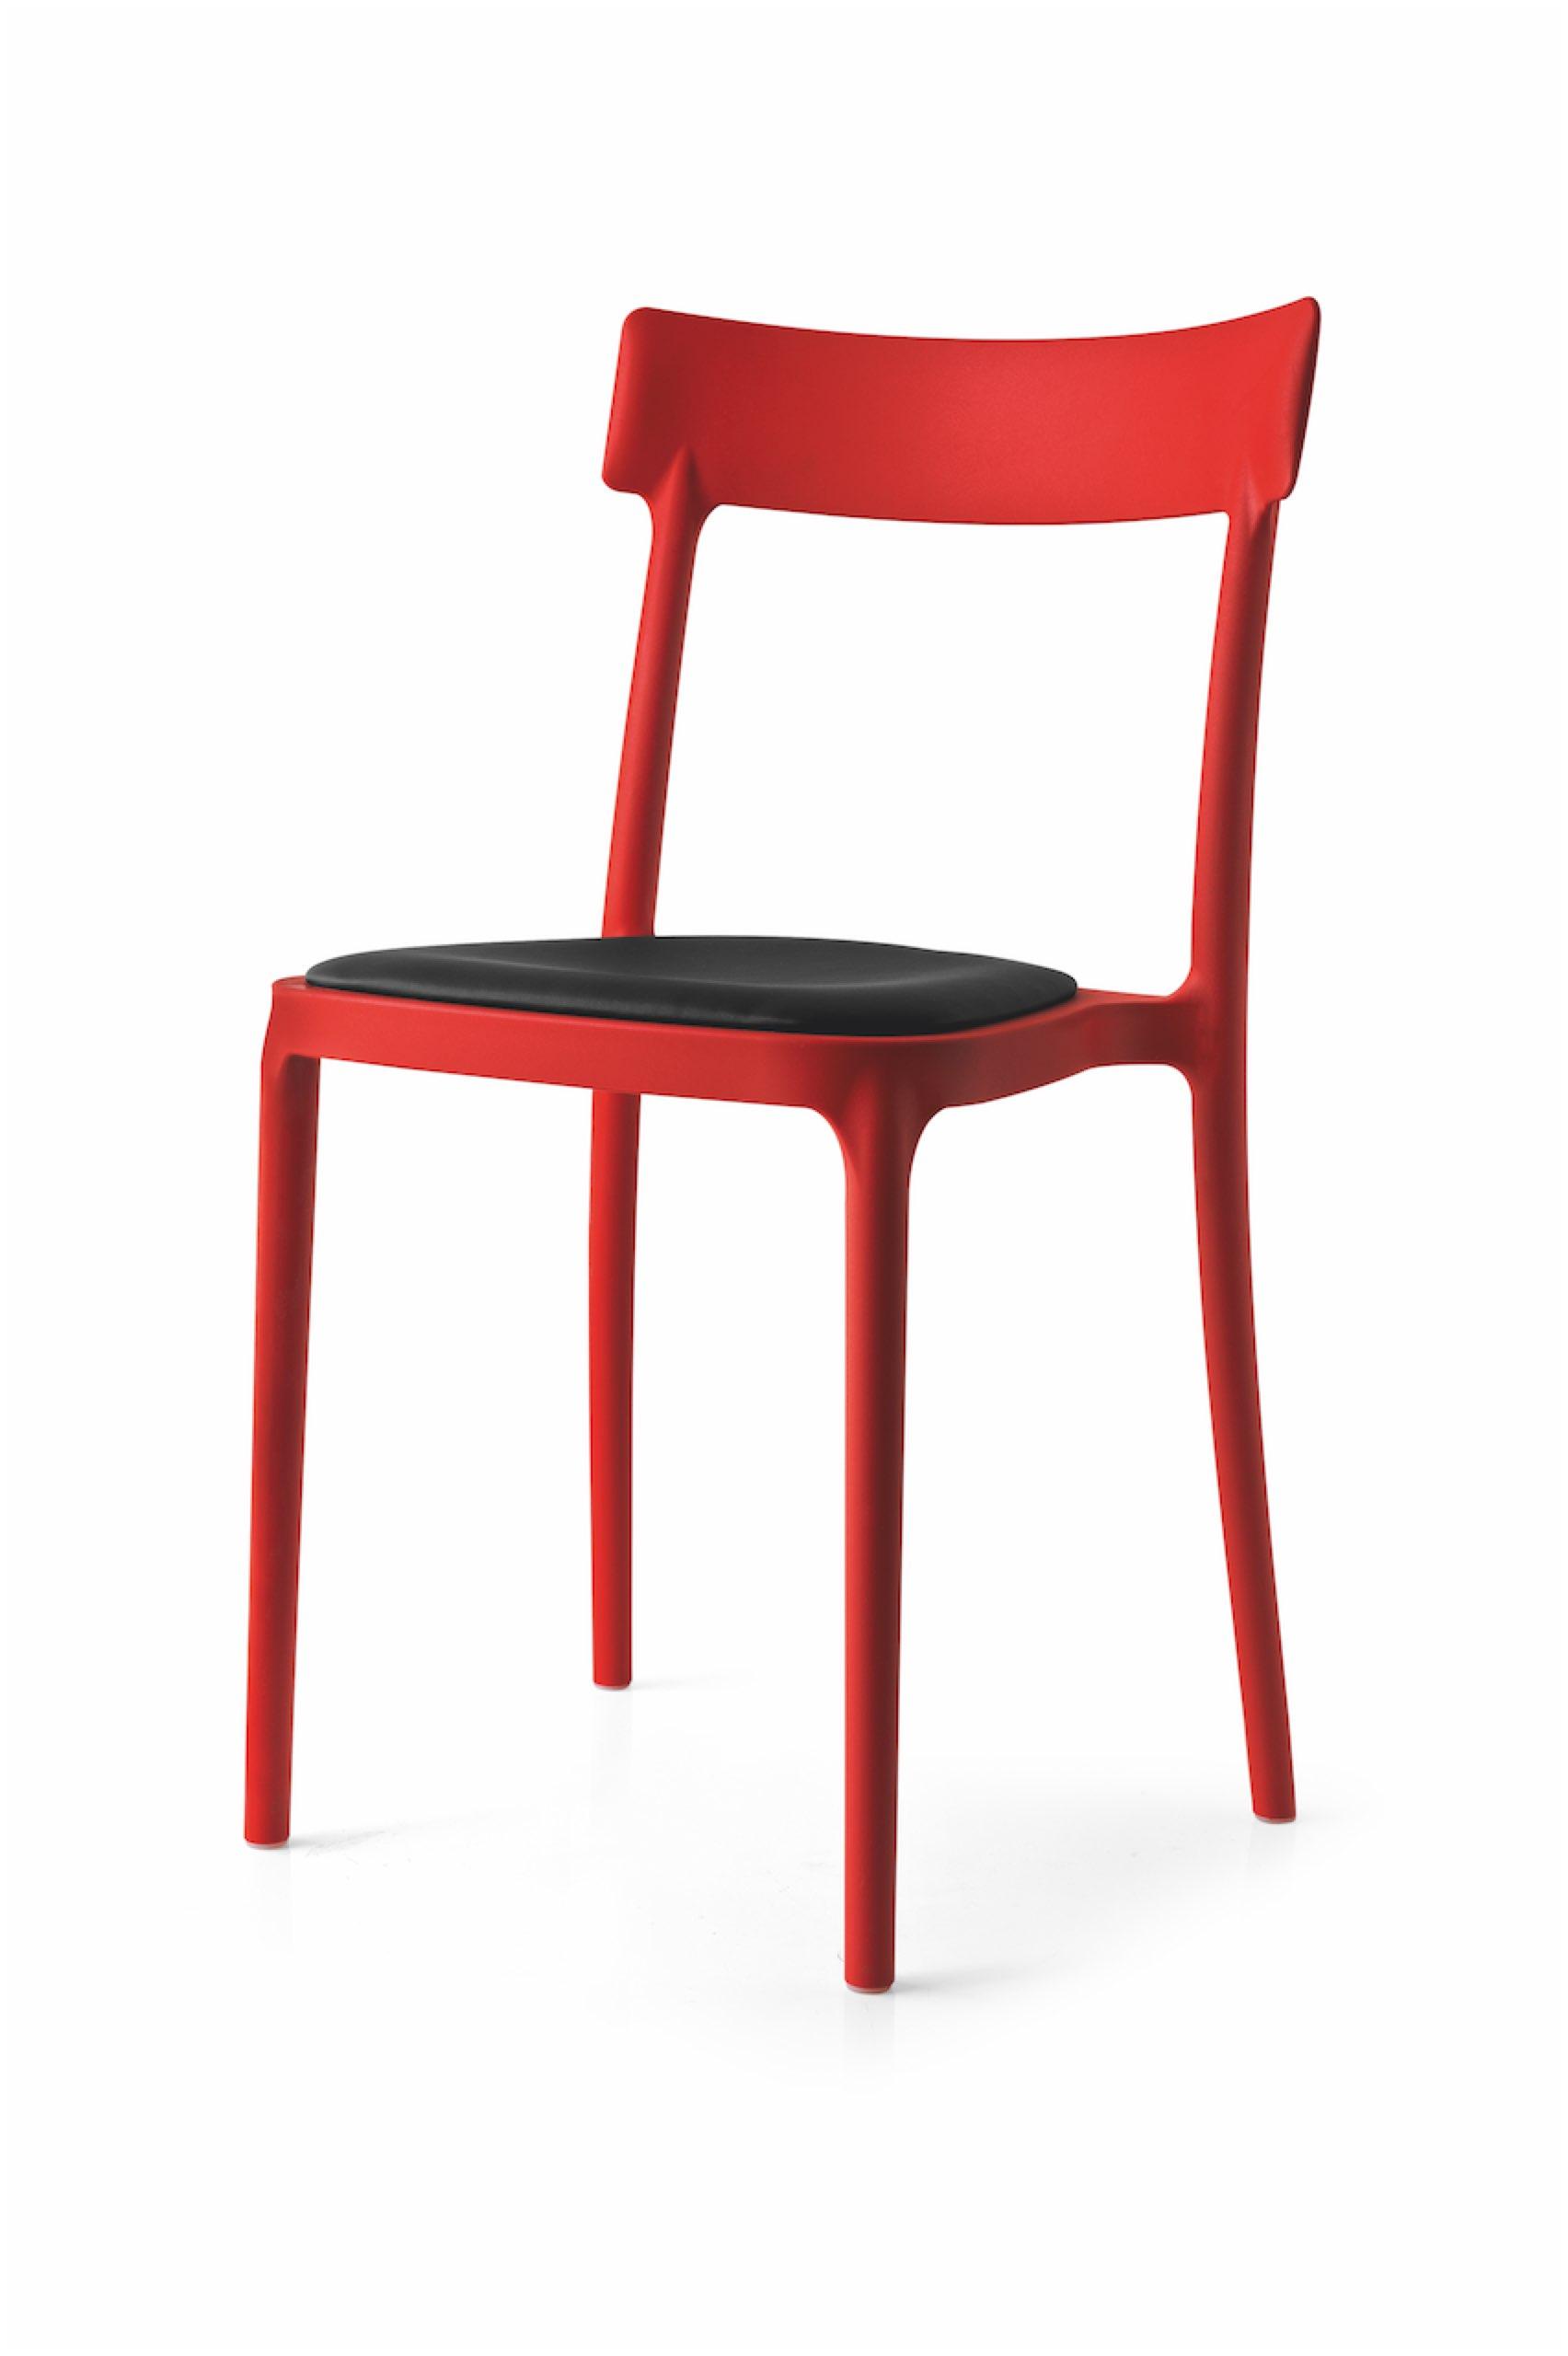 calligaris connubia stuhl argo cb1539 in vielen farben erh ltlich ebay. Black Bedroom Furniture Sets. Home Design Ideas